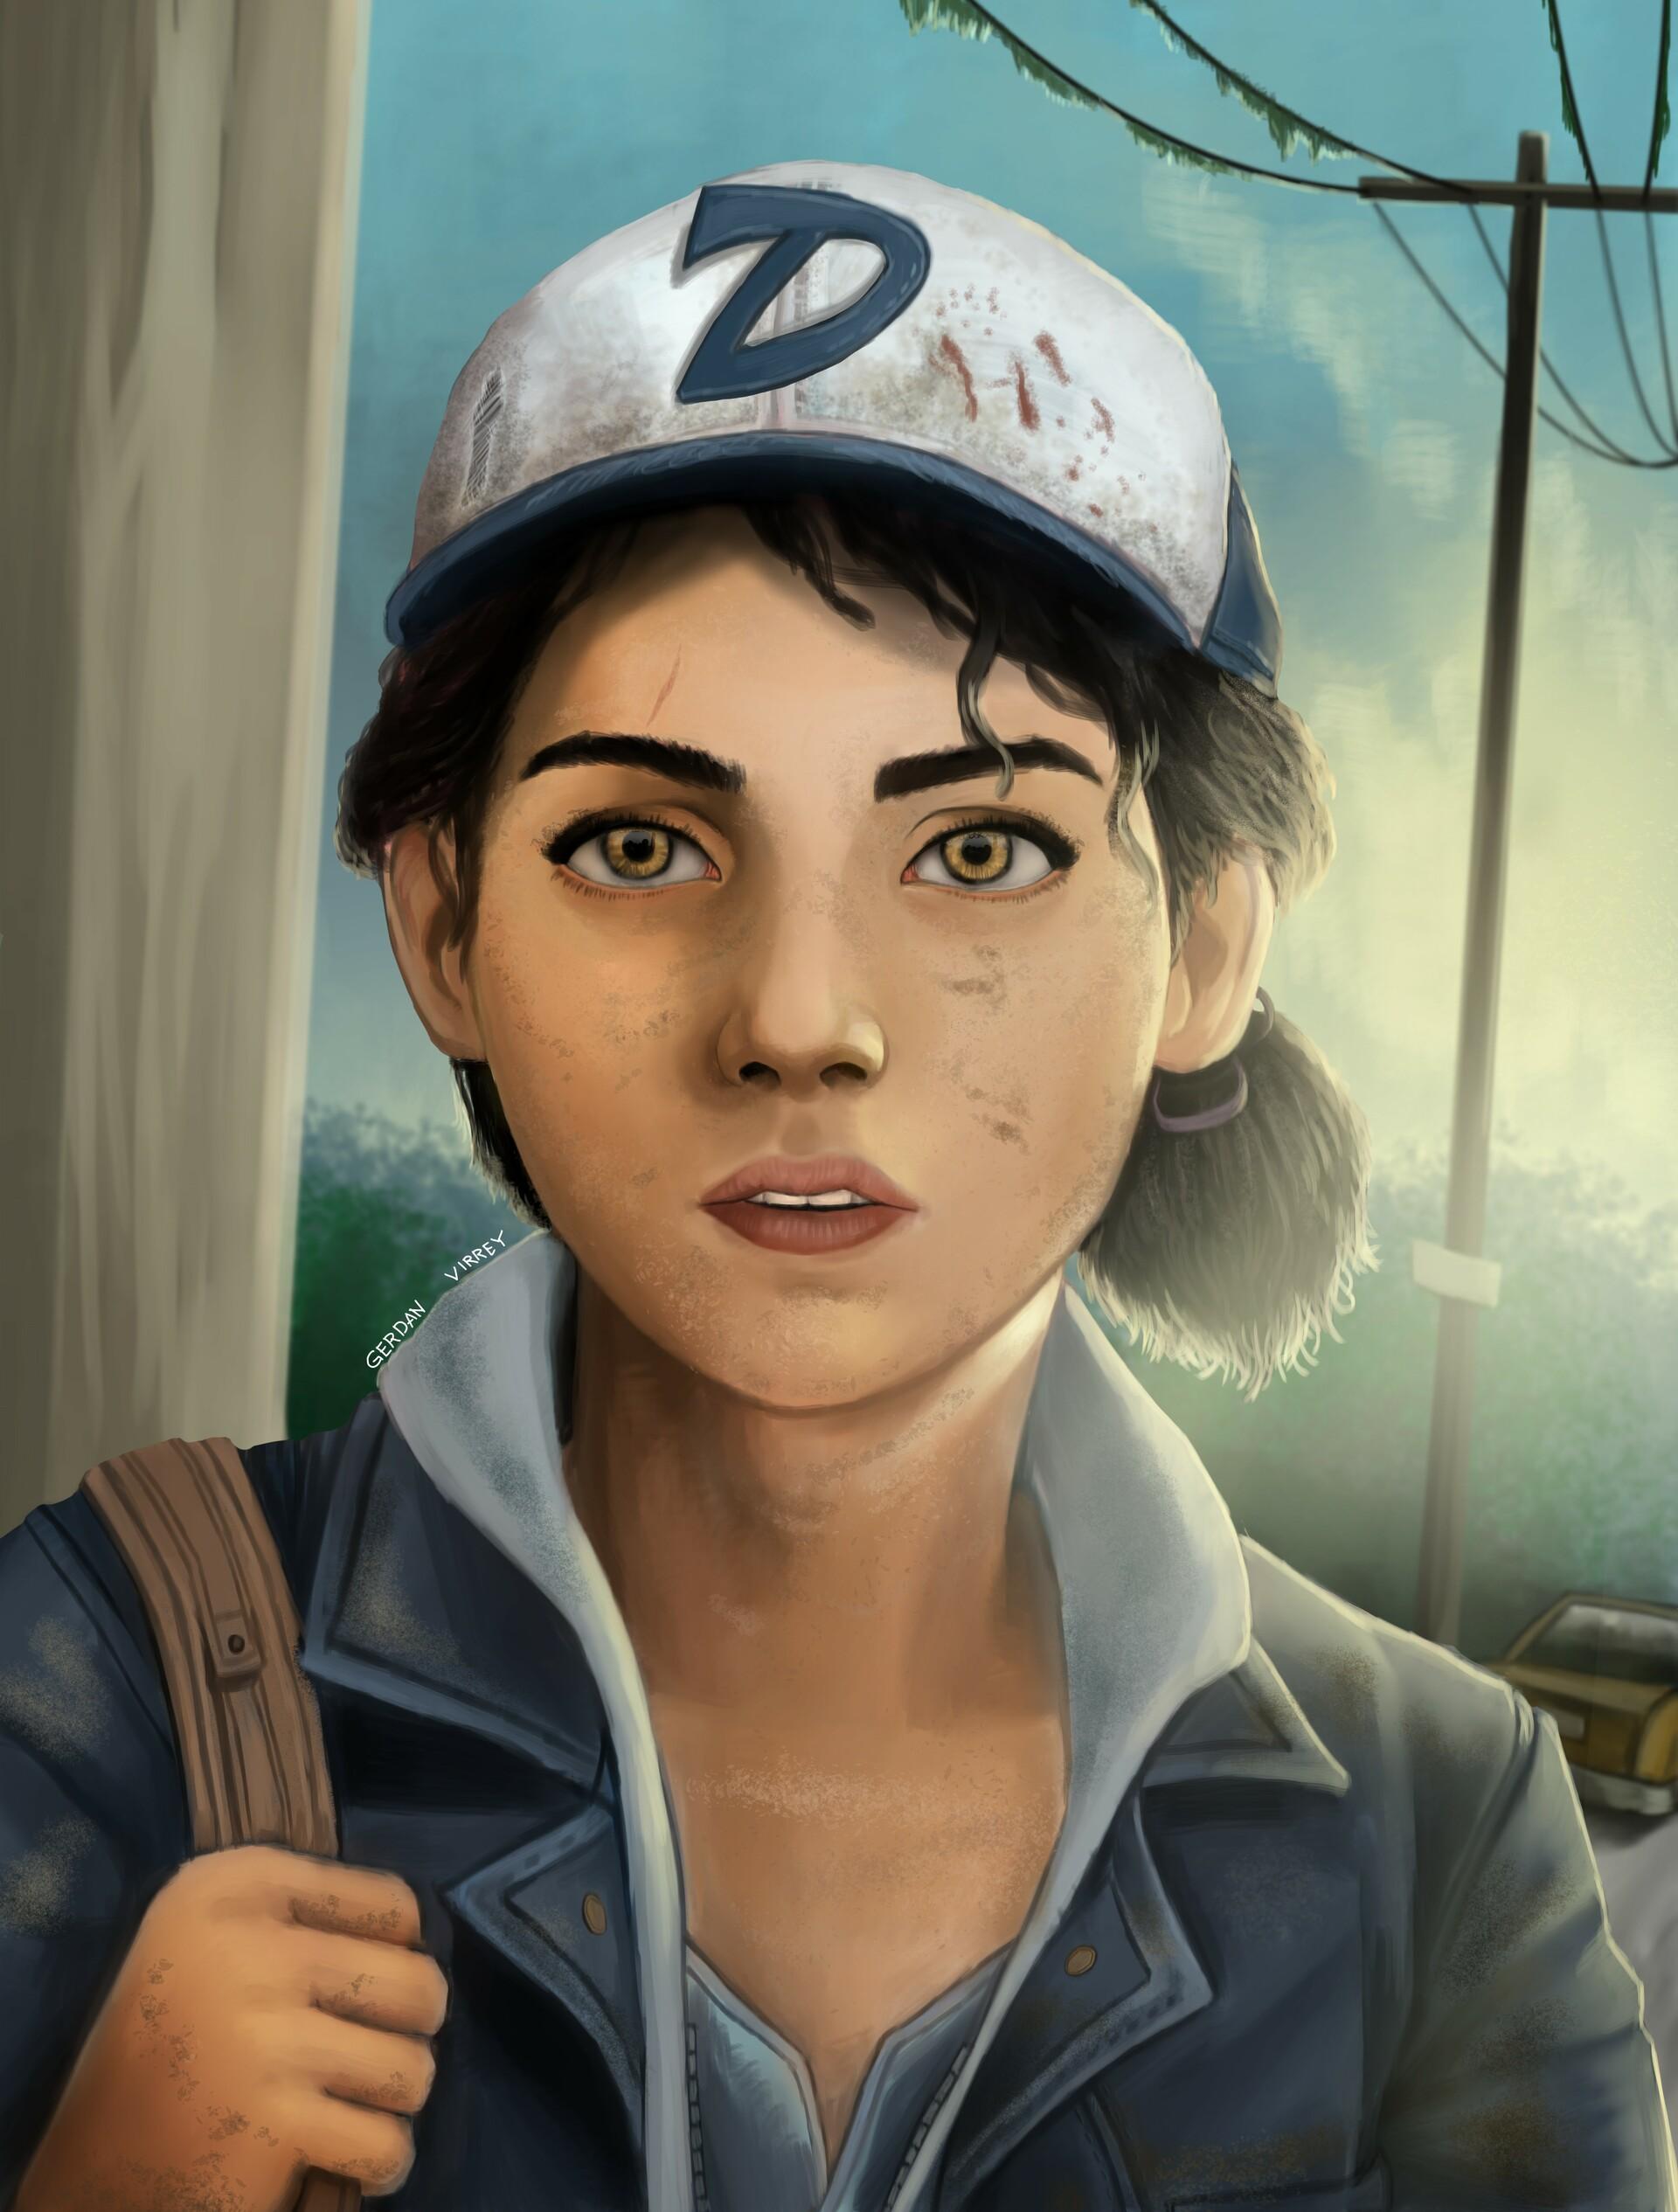 Artstation The Walking Dead Final Season Clementine Fan